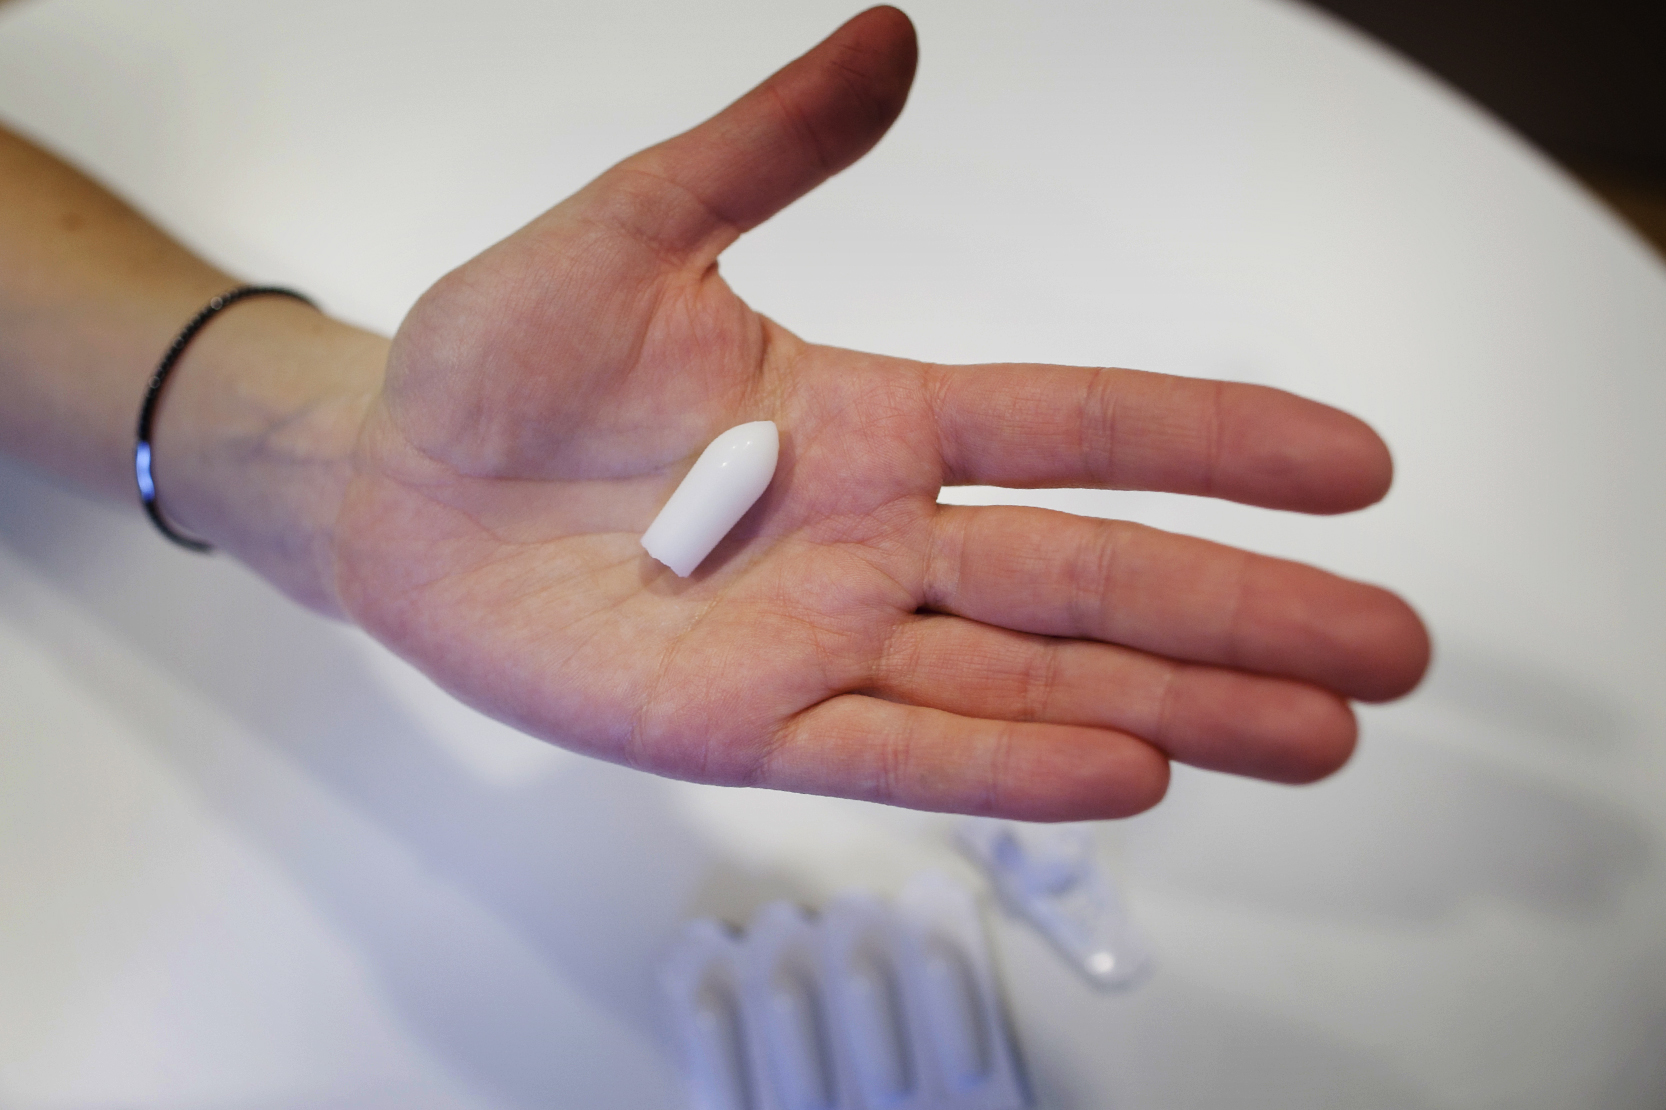 mixturer är flytande läkemedel